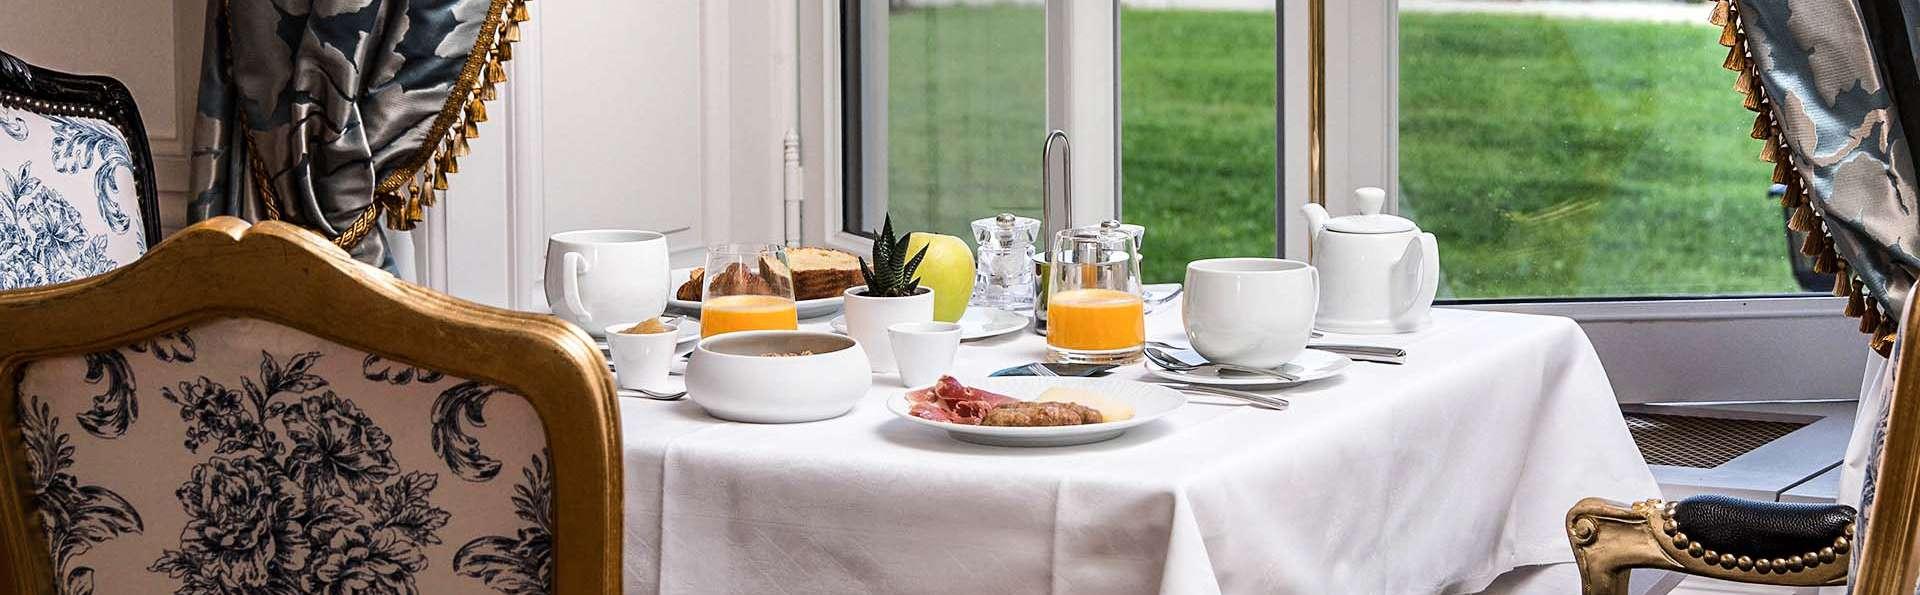 Hôtel Alexandra Palace - EDIT_petit_dejeuner_01.jpg